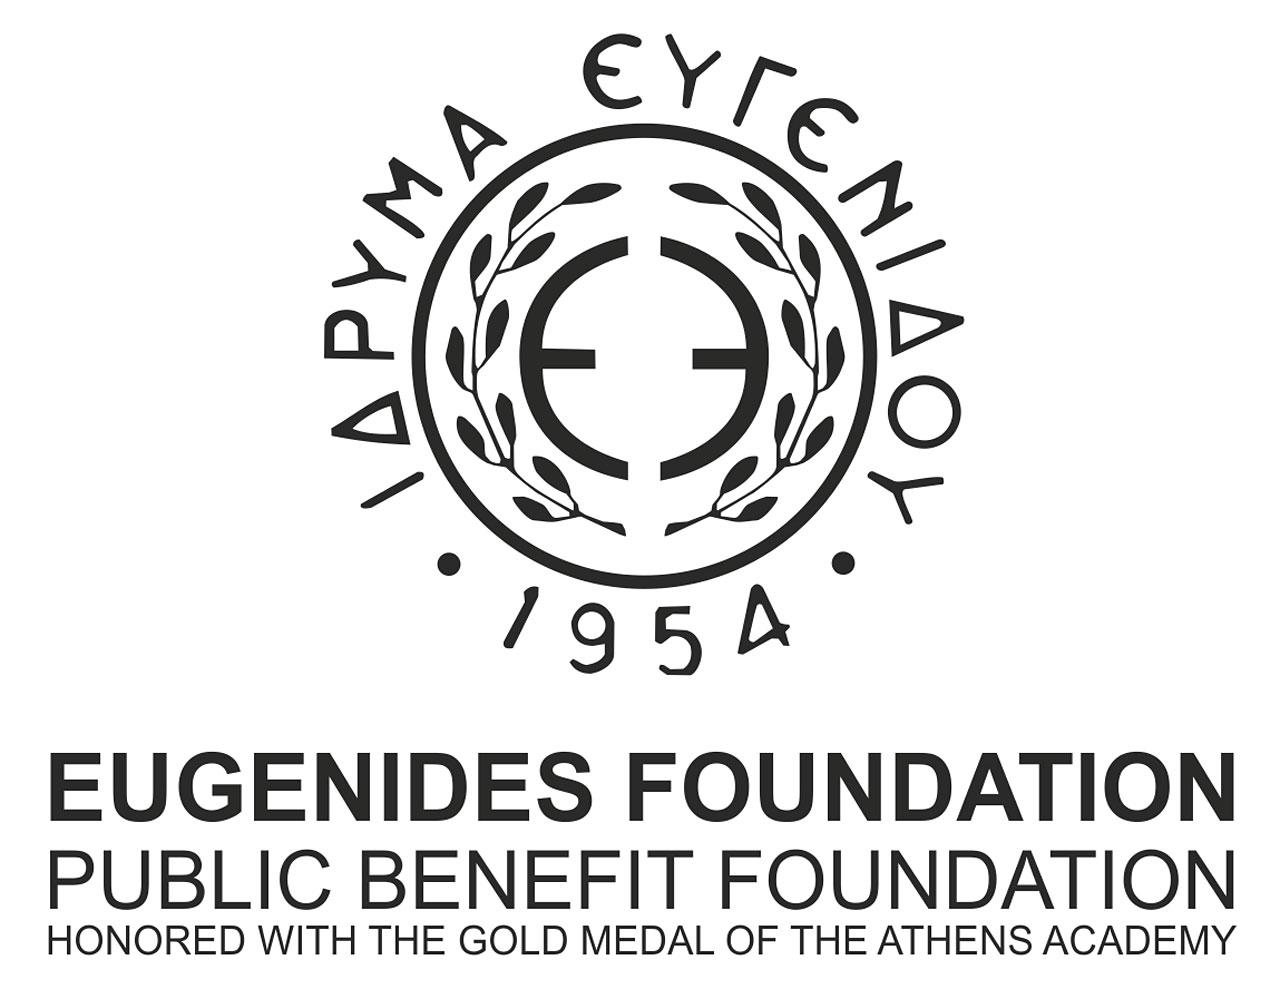 Εννέα υποτροφίες από το Ίδρυμα Ευγενίδου για μεταπτυχιακά και διδακτορικό